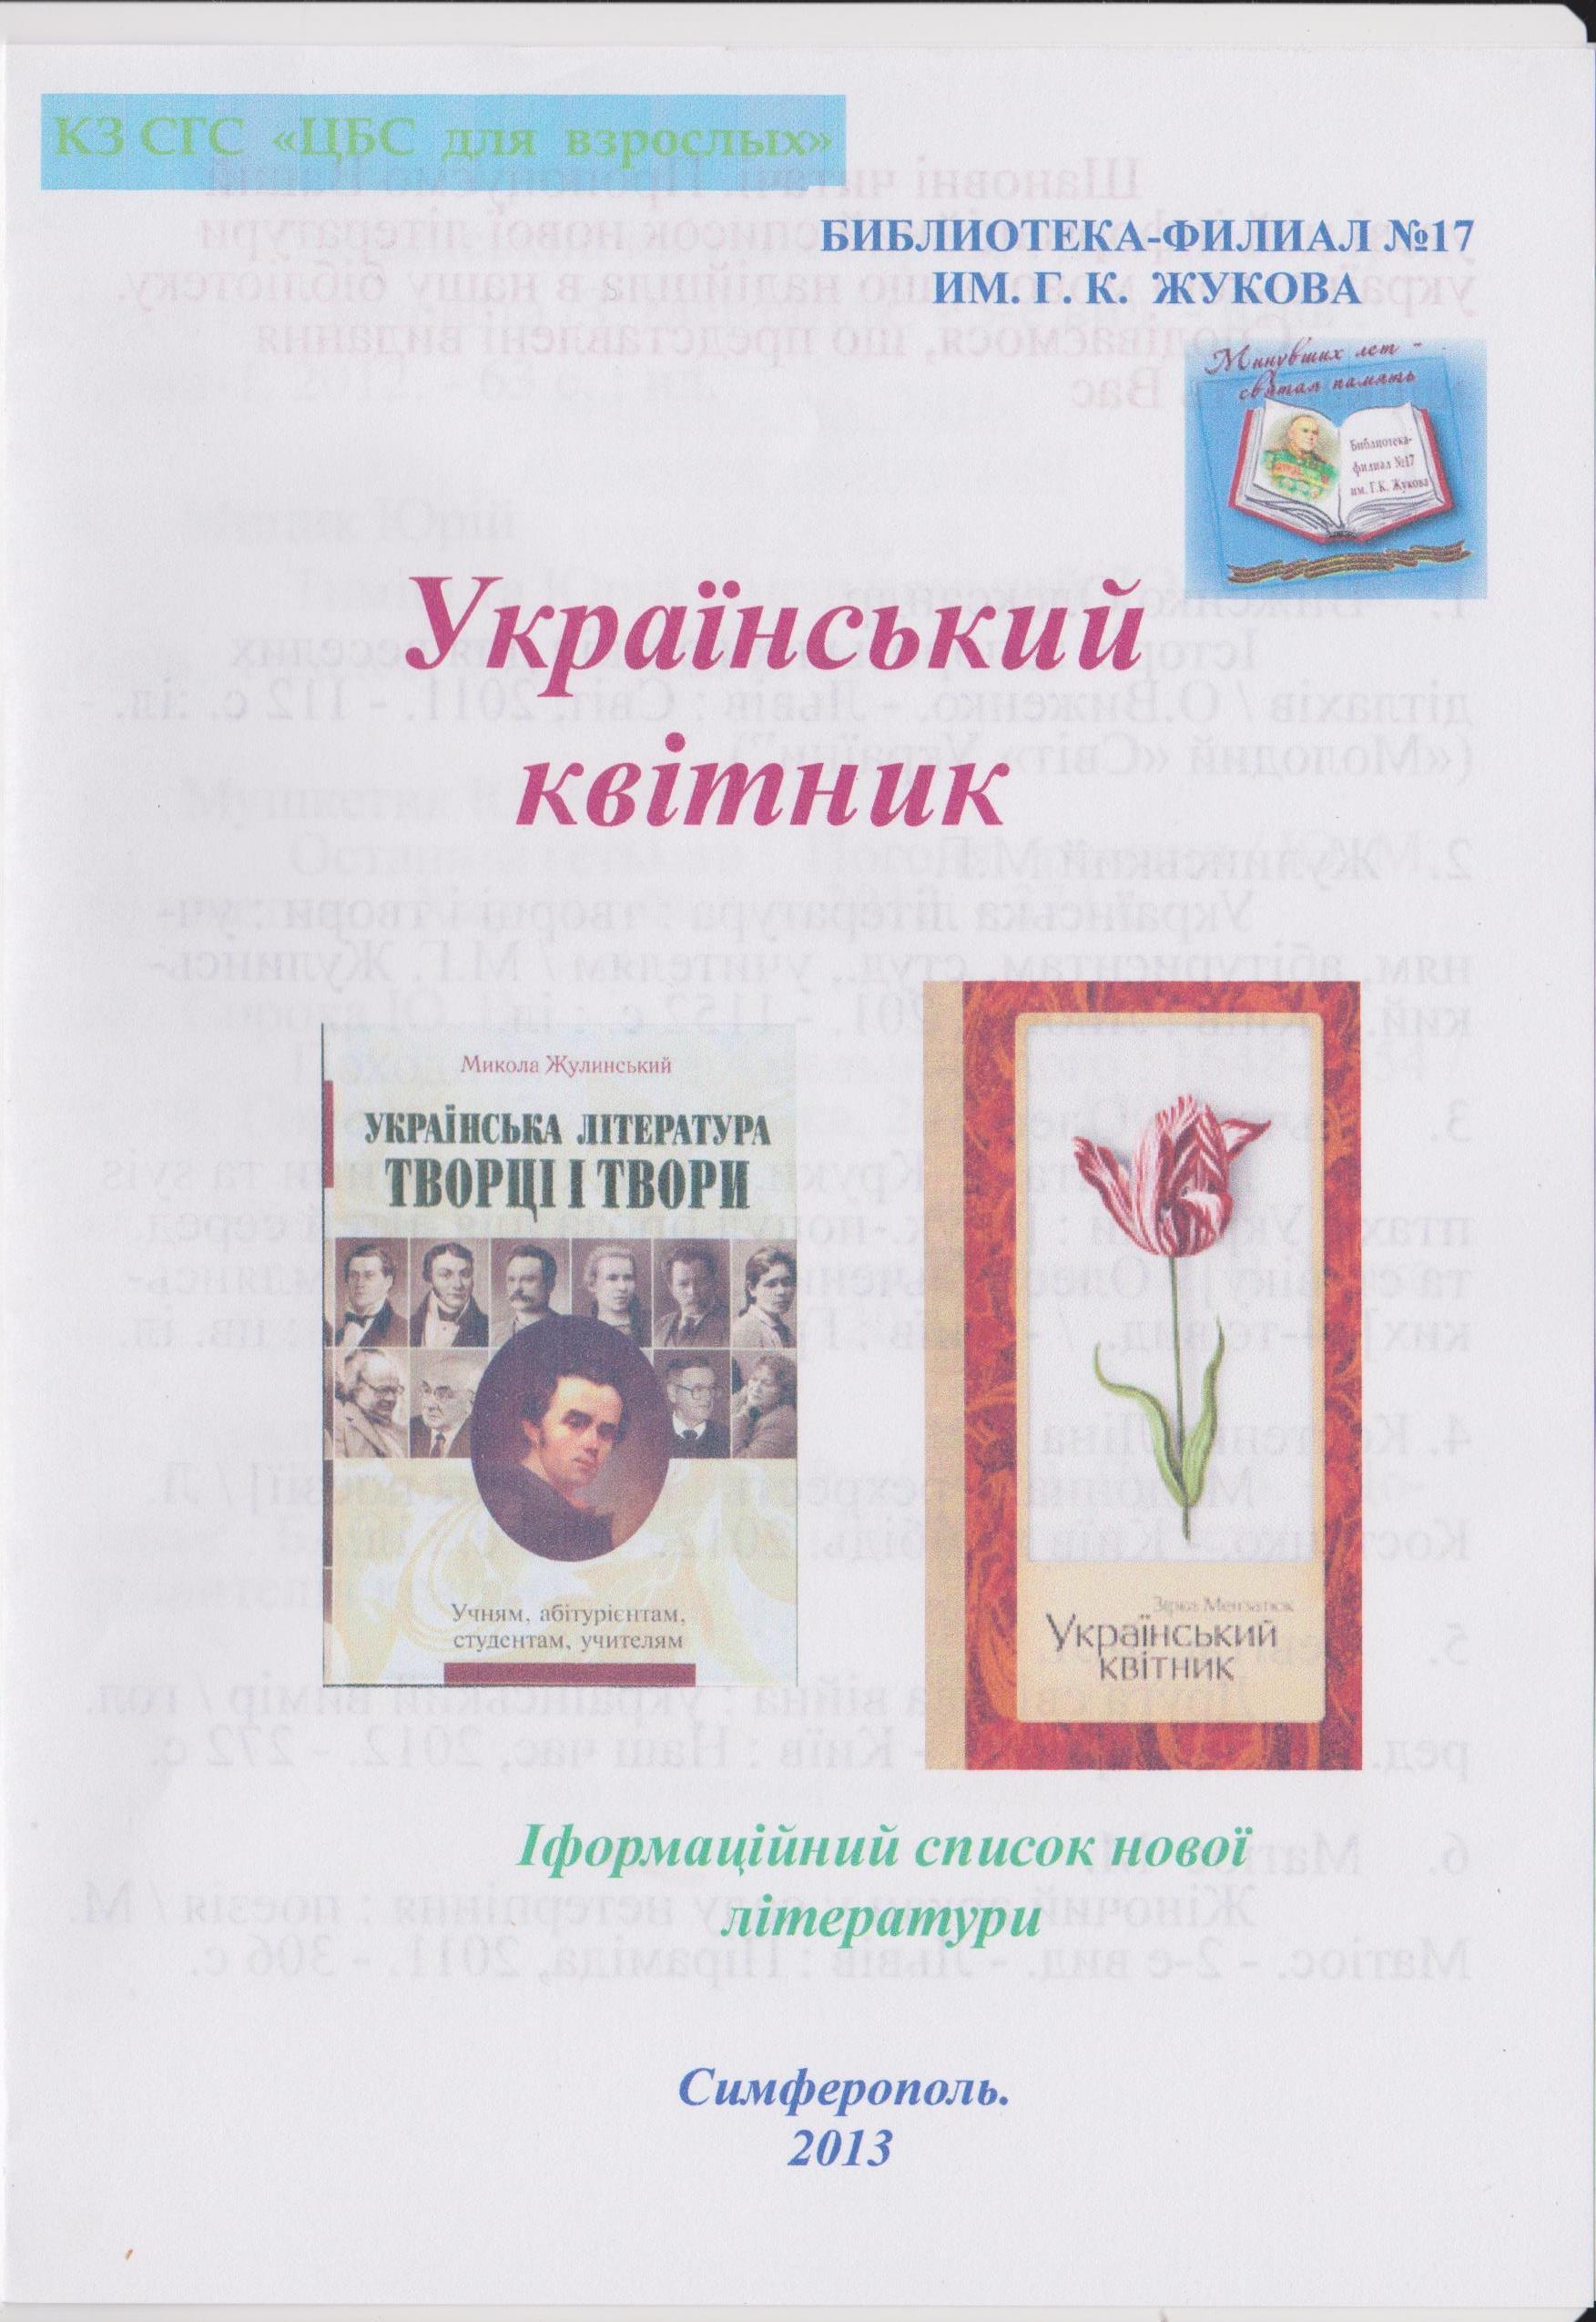 списки литературы, библиотека-филиал17 жукова, симферополь,